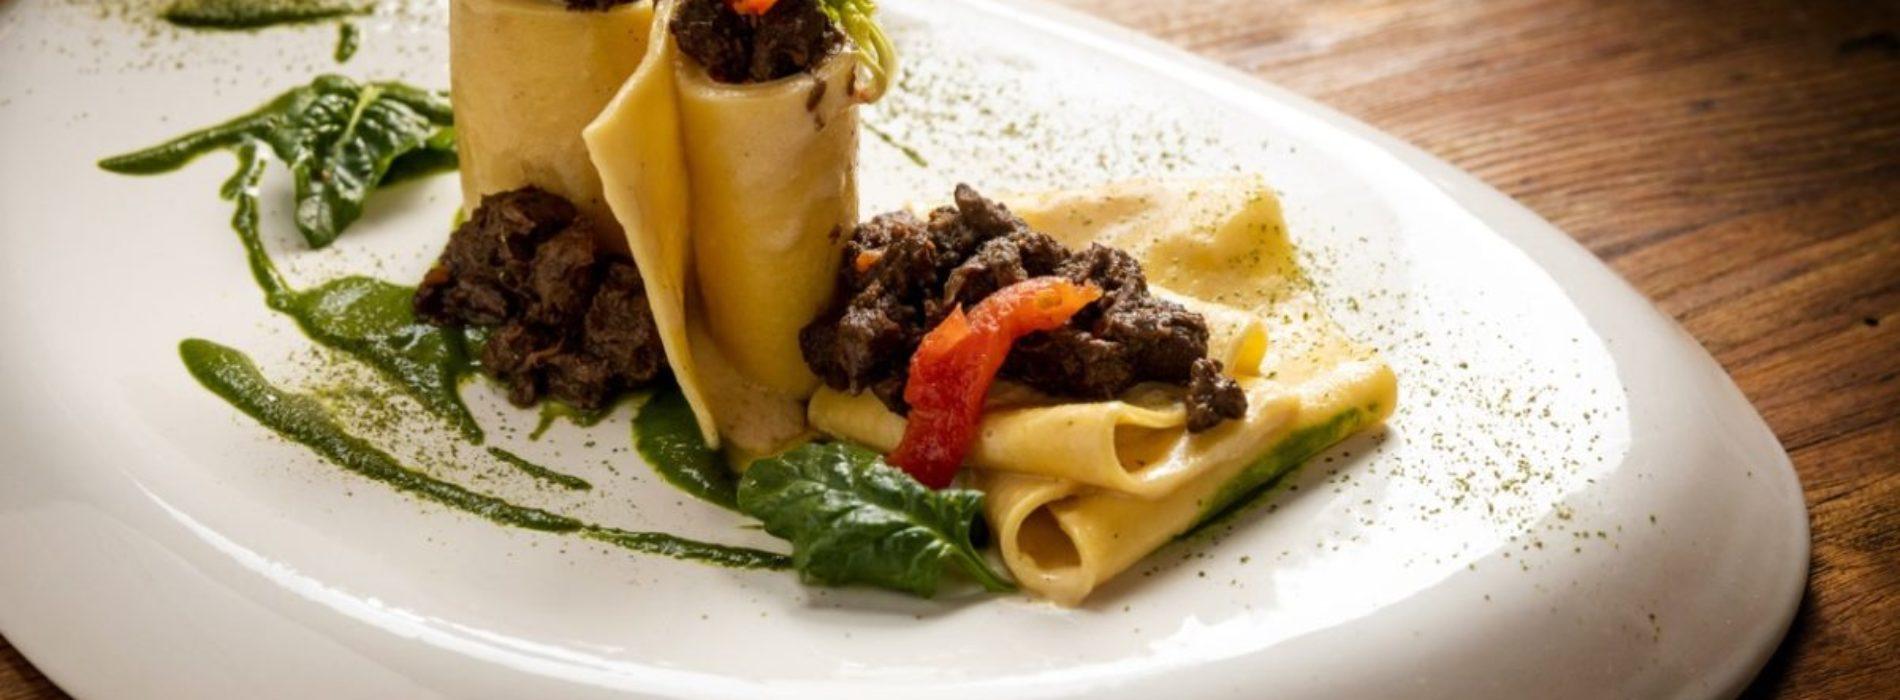 Pappardelle al ragù al coltello di lepre, la ricetta dello chef Venturi del ristorante L'Asinello nel Chianti